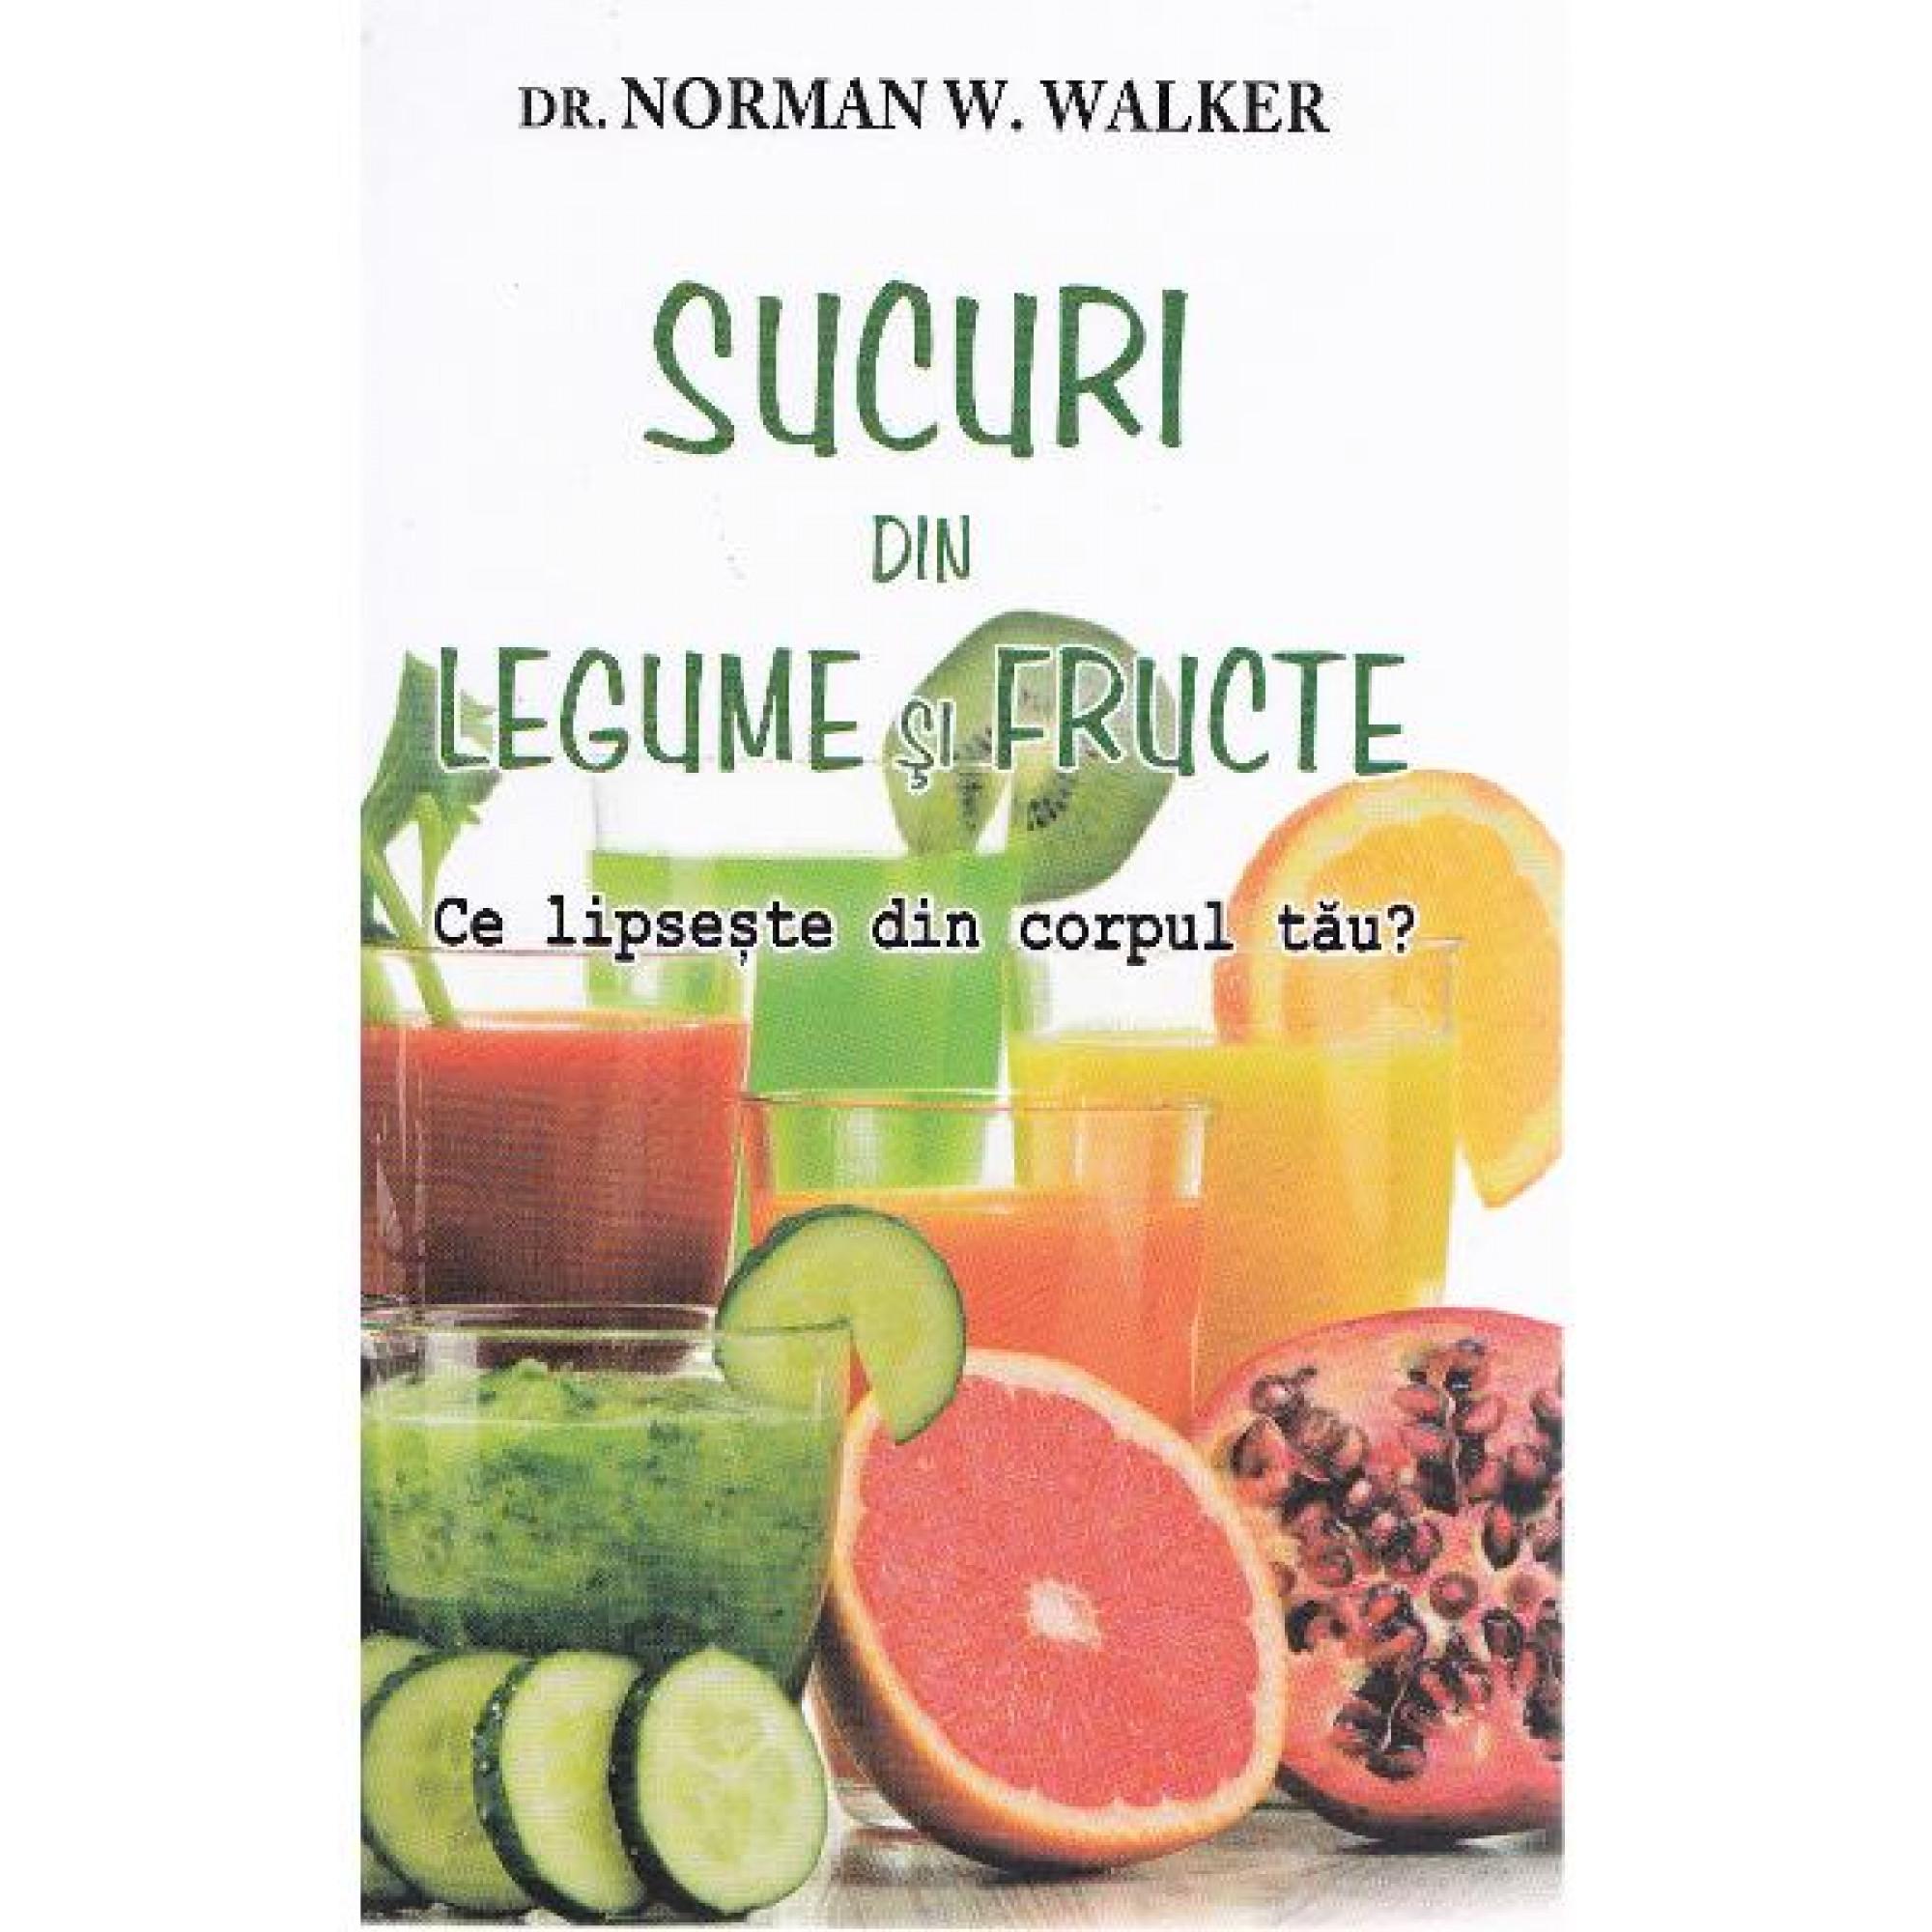 Sucuri din legume și fructe; Norman W. Walker